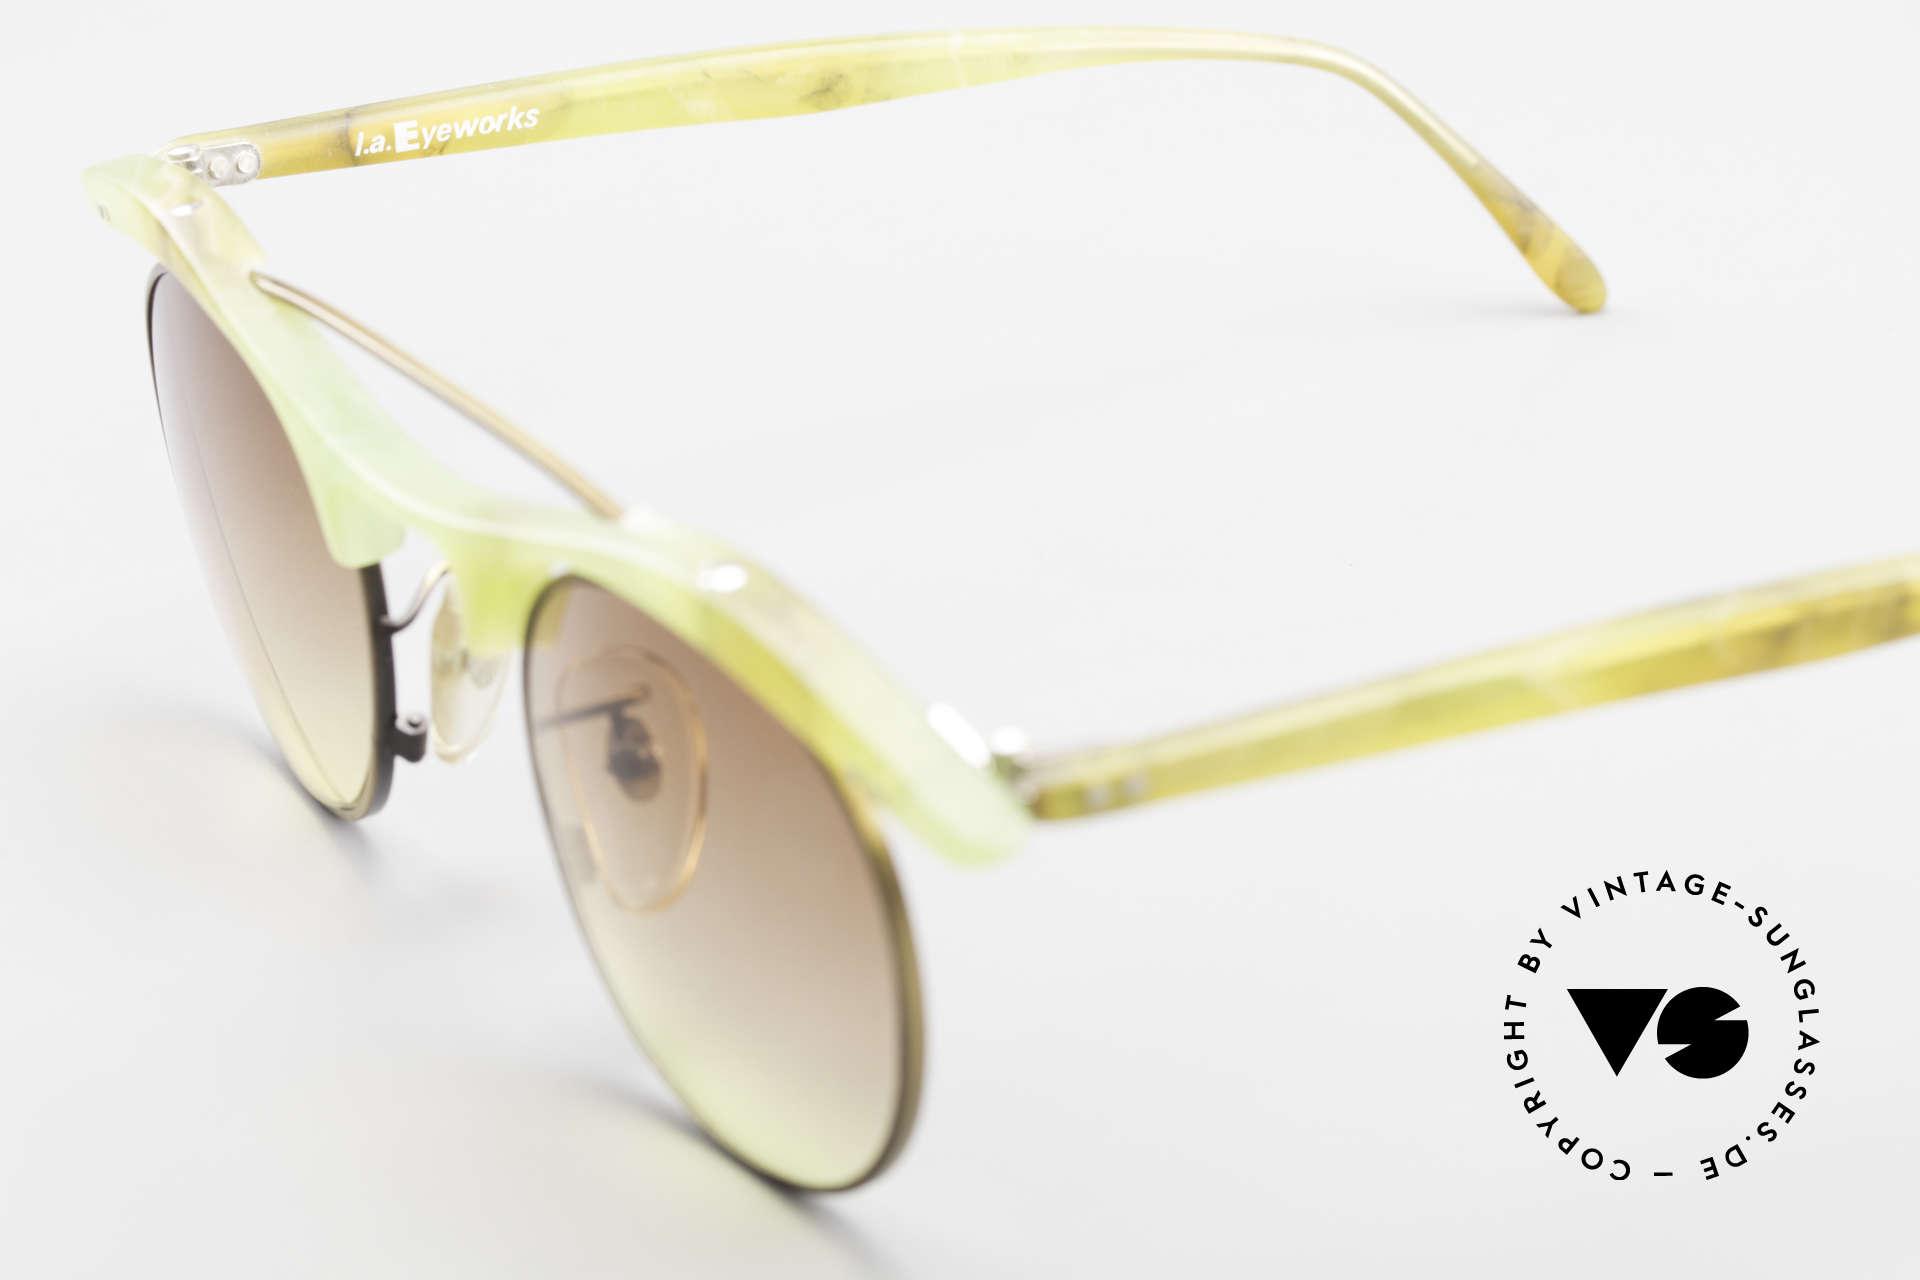 L.A. Eyeworks YANG 670 Vintage Sonnenbrille No Retro, Größe: medium, Passend für Herren und Damen